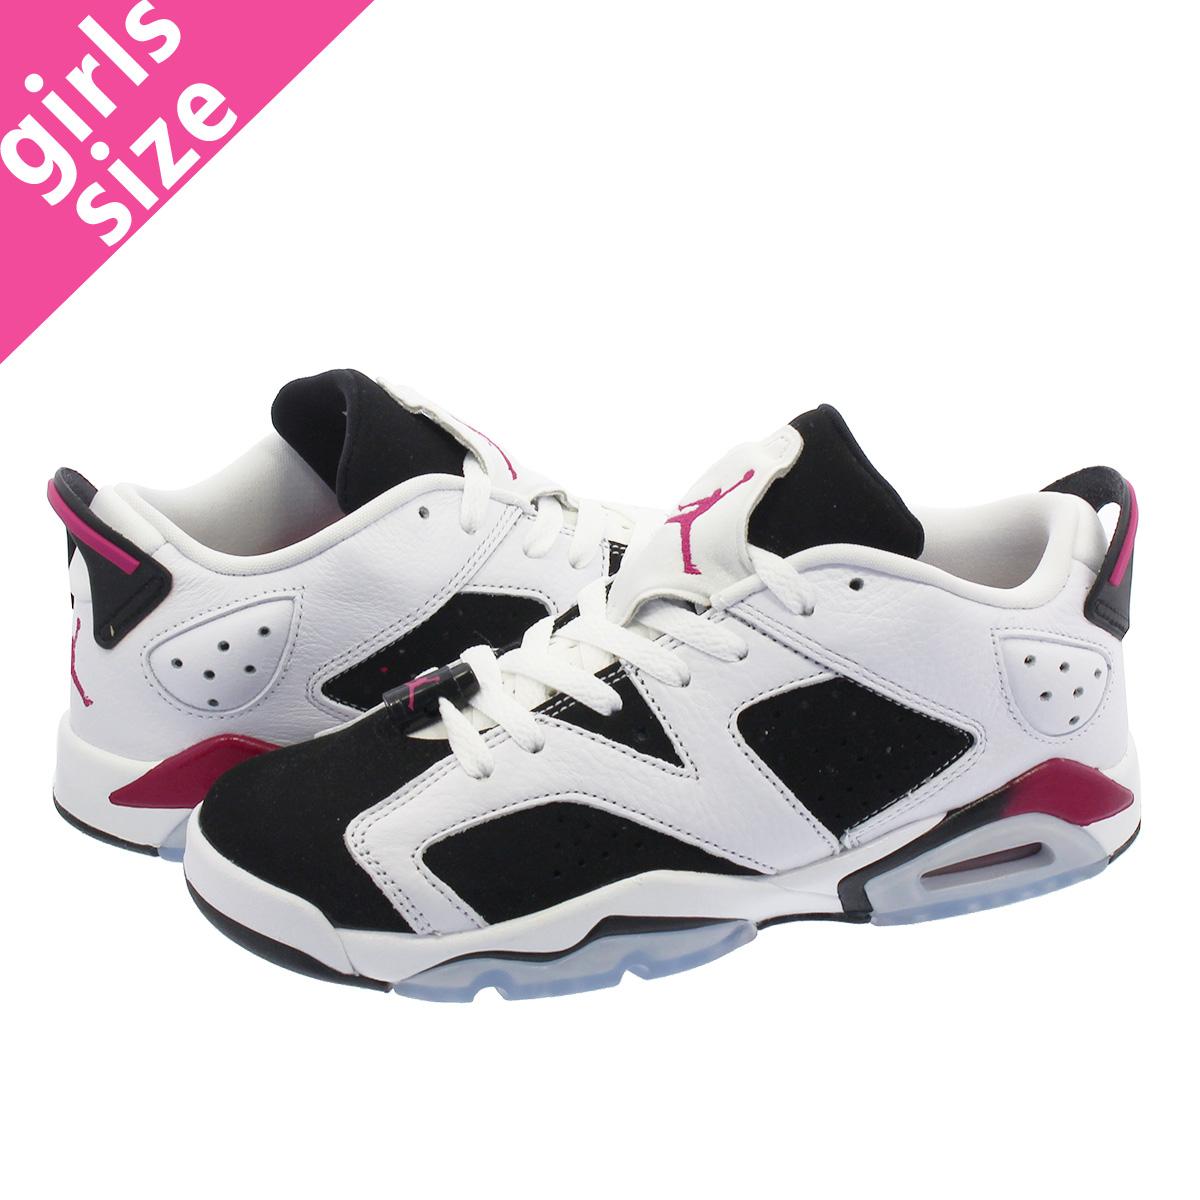 0597442c75c NIKE AIR JORDAN 6 RETRO LOW GG Nike Air Jordan 6 nostalgic low GG WHITE/